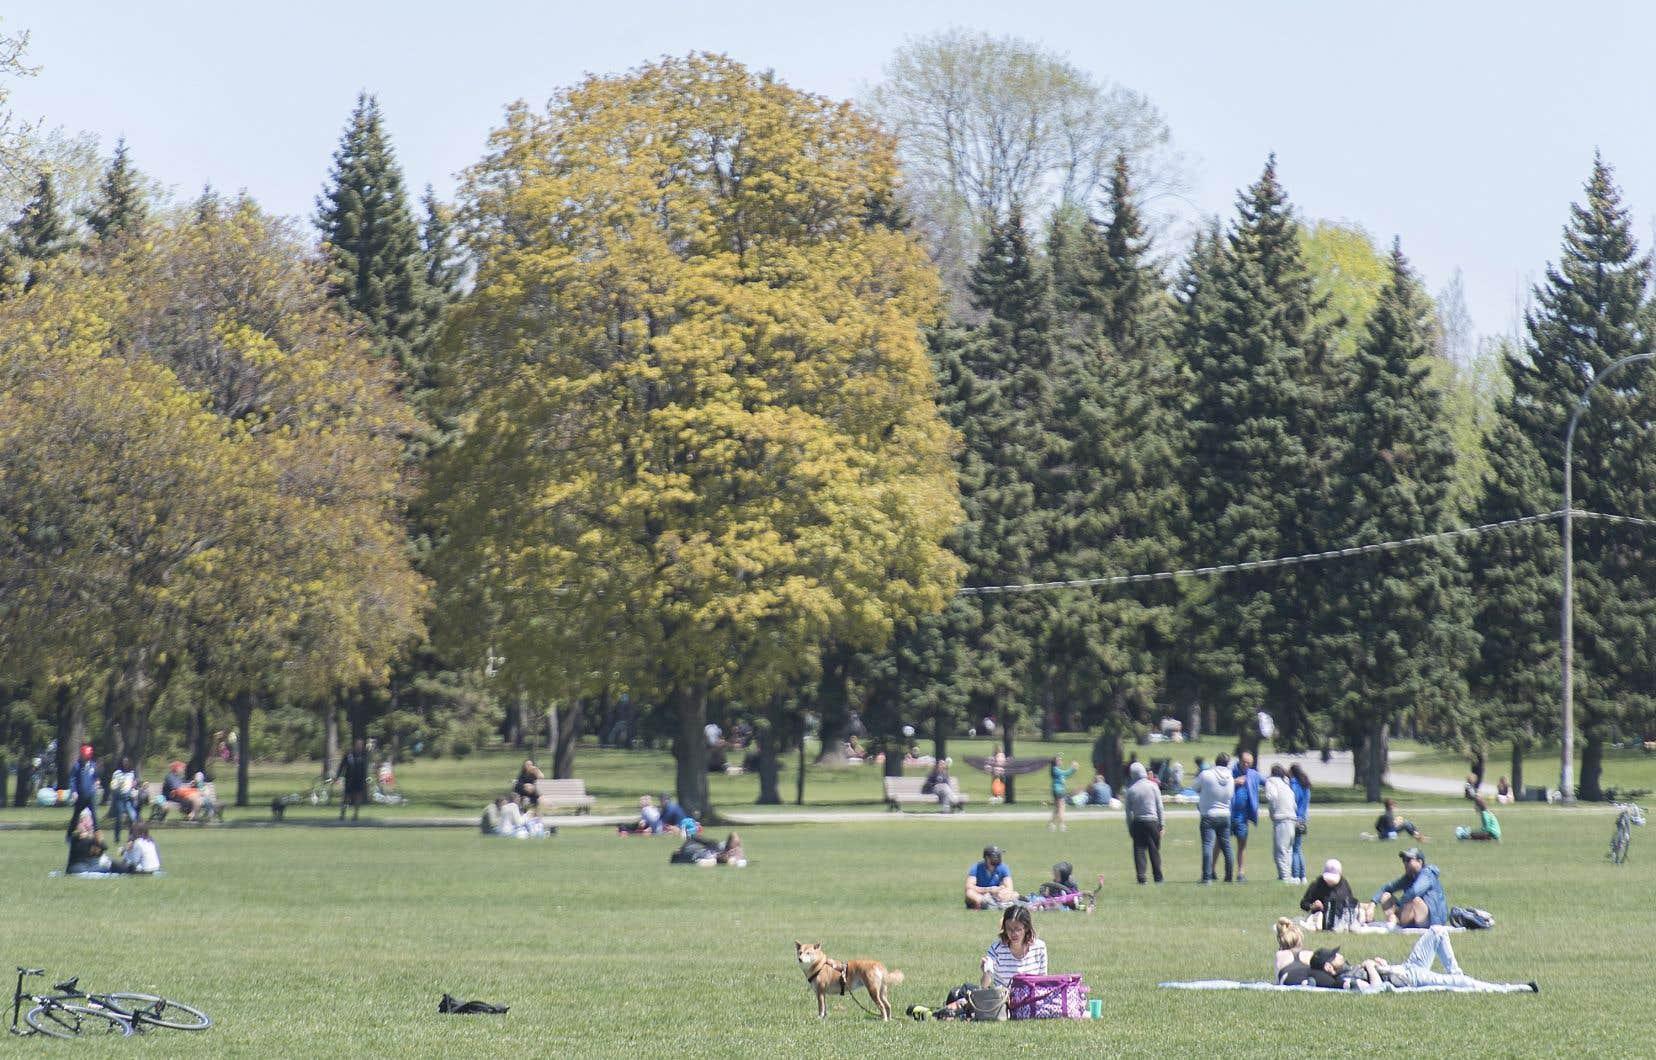 La VG note qu'en octobre 2019, 6,1% du territoire de l'agglomération de Montréal était protégé alors que le Schéma d'aménagement vise un taux de 10%.